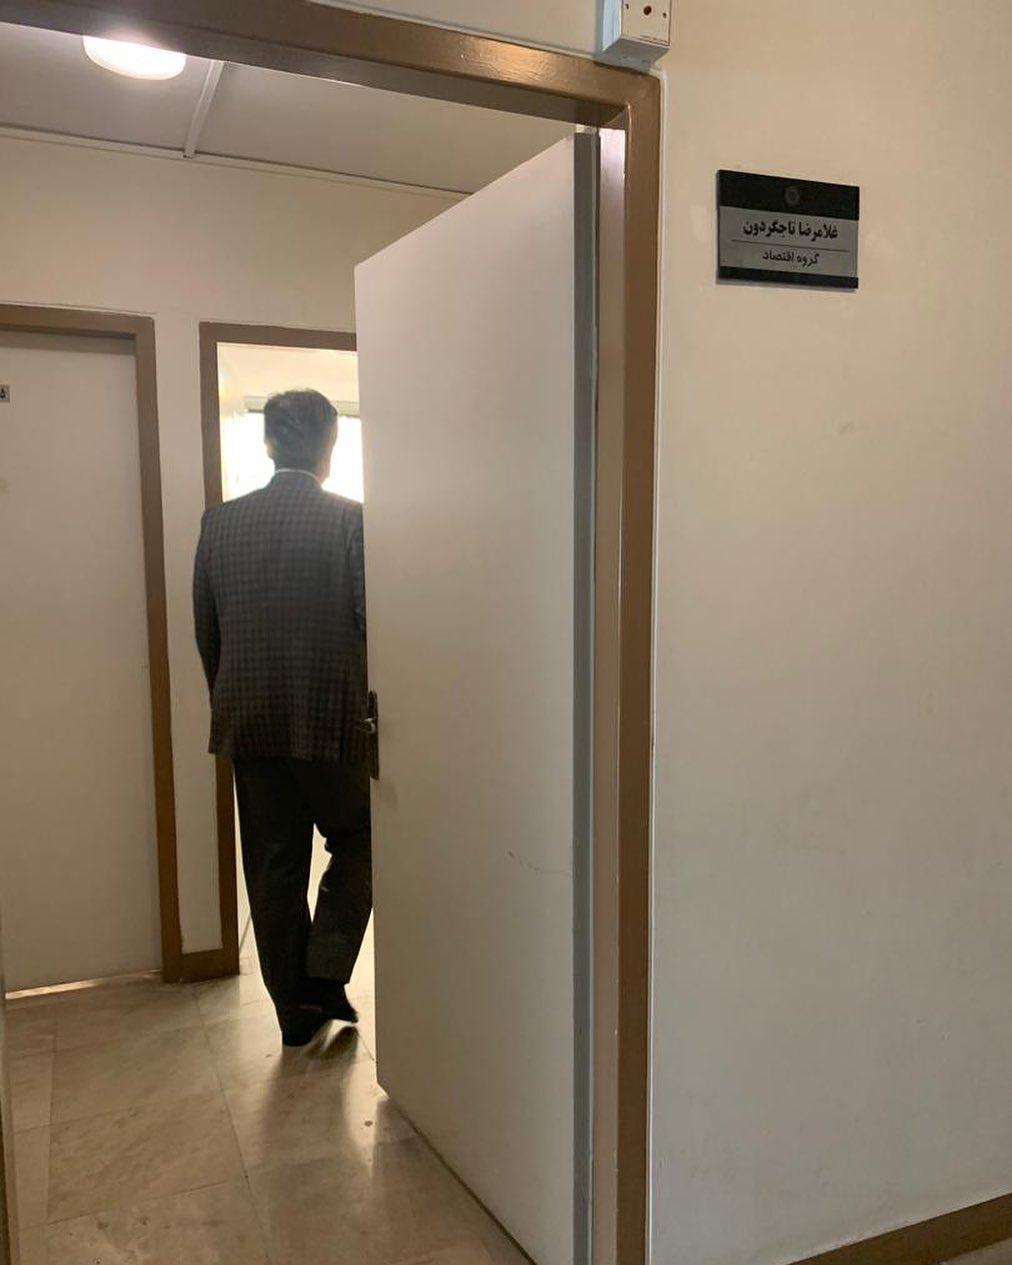 تاجگردون بعد خداحافظی از مجلس کجا رفت؟